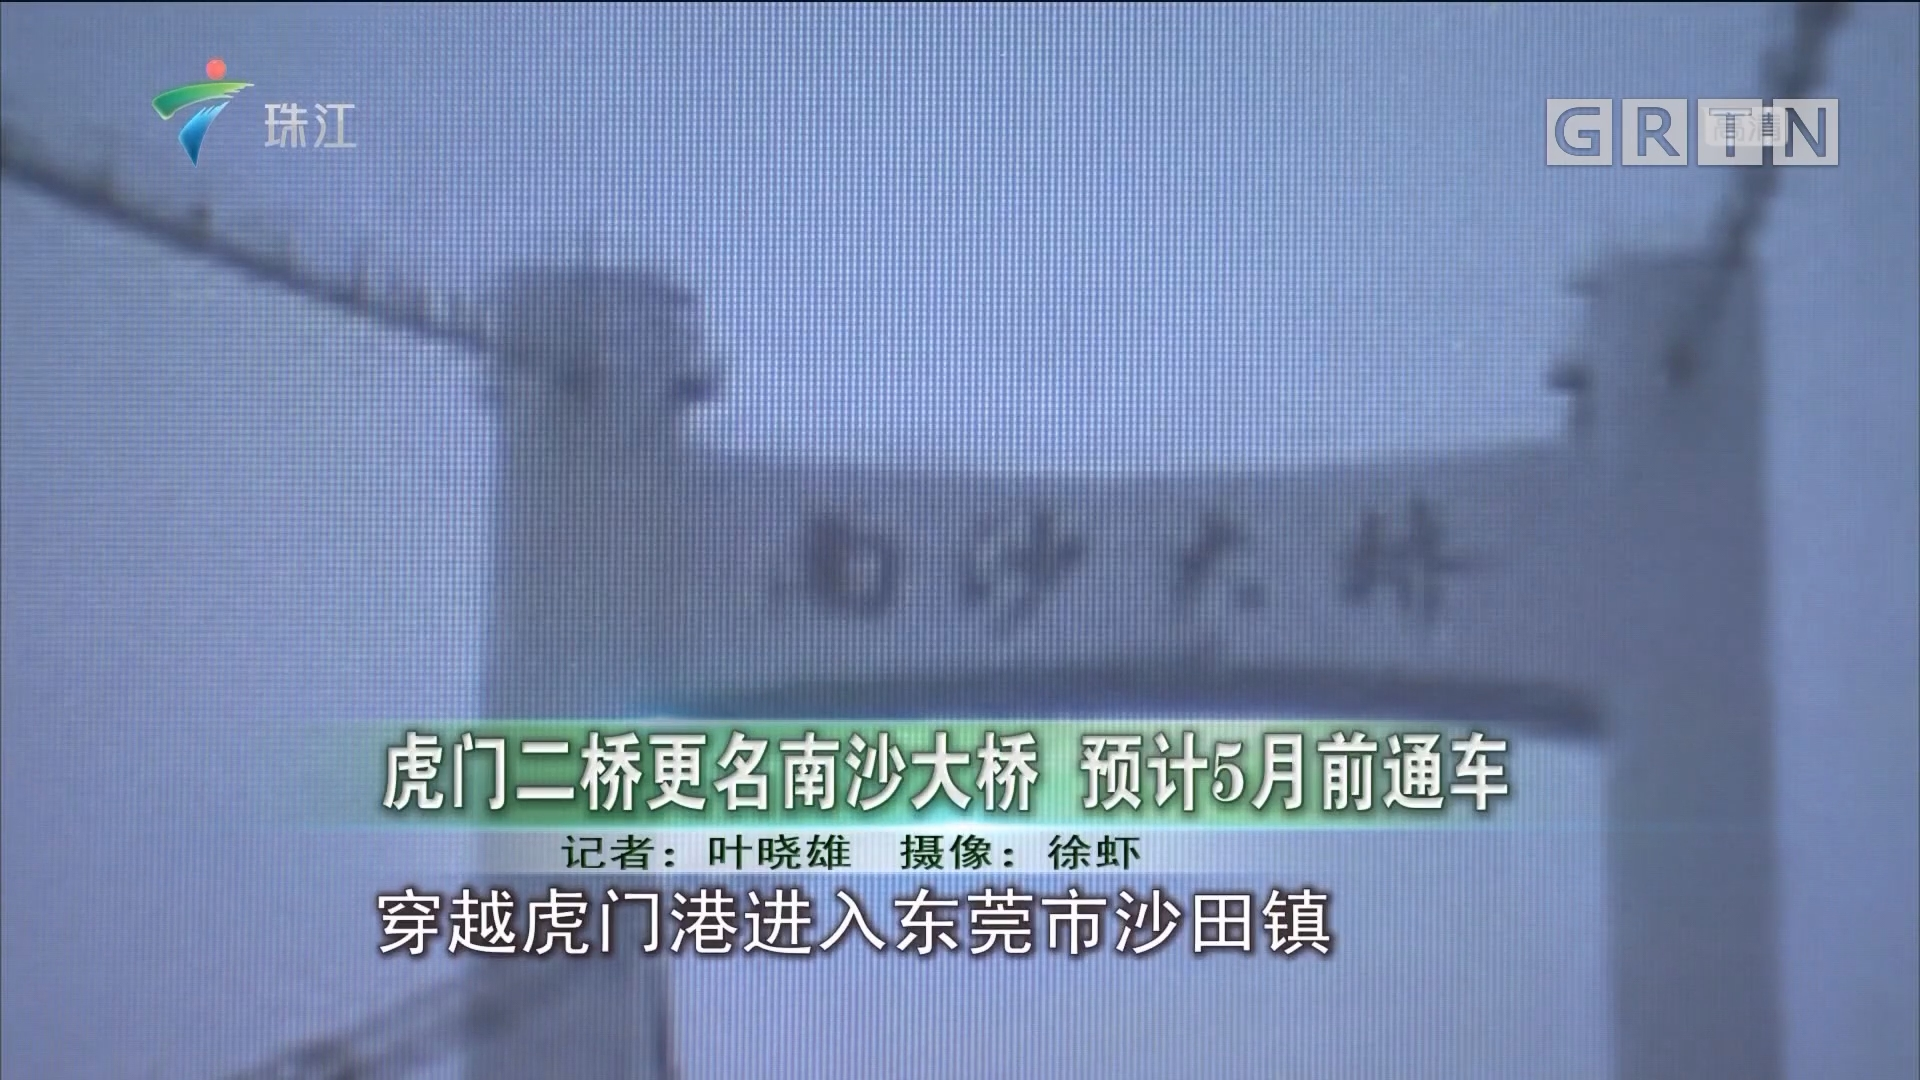 虎门二桥更名南沙大桥 预计5月前通车